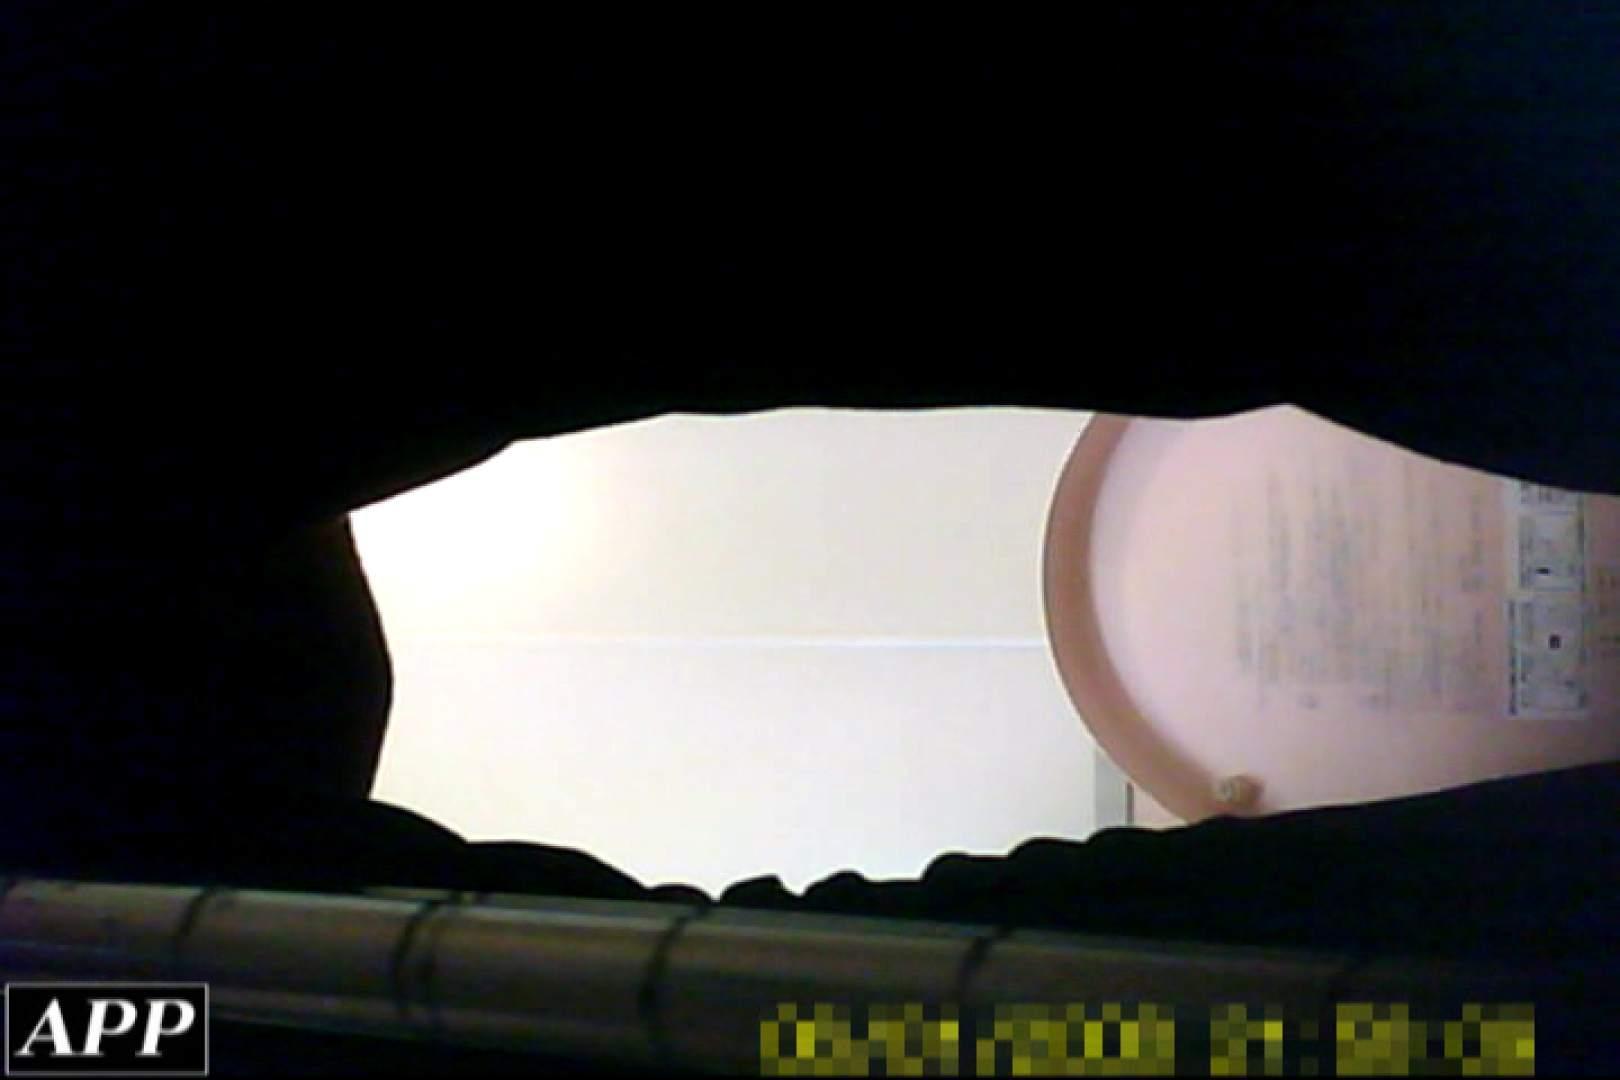 3視点洗面所 vol.31 洗面所のぞき AV無料動画キャプチャ 97枚 38